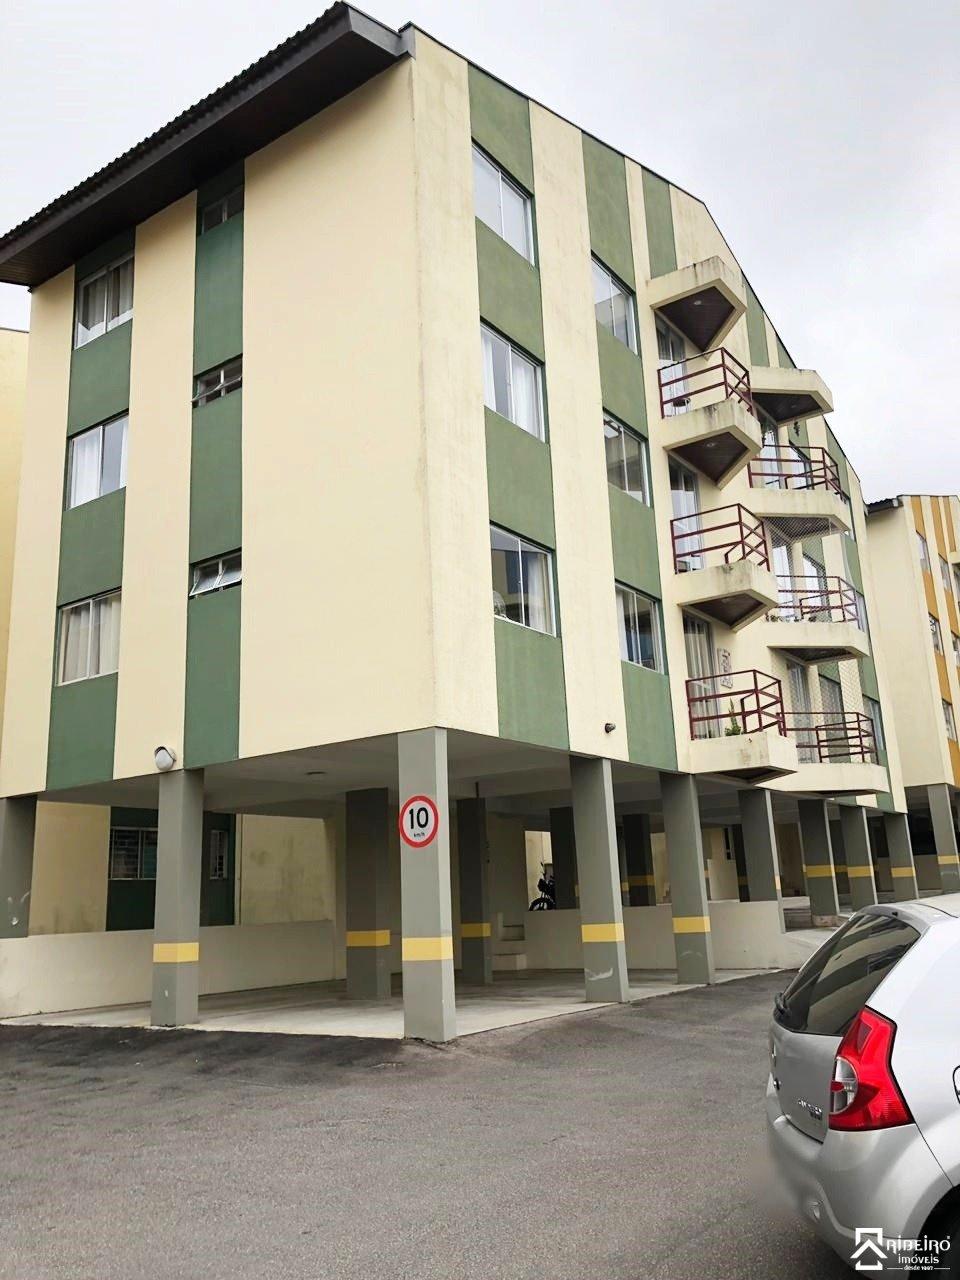 REF. 7841 -  São José Dos Pinhais - Rua Curiuva, 405 - Apto 213 - Bl 02